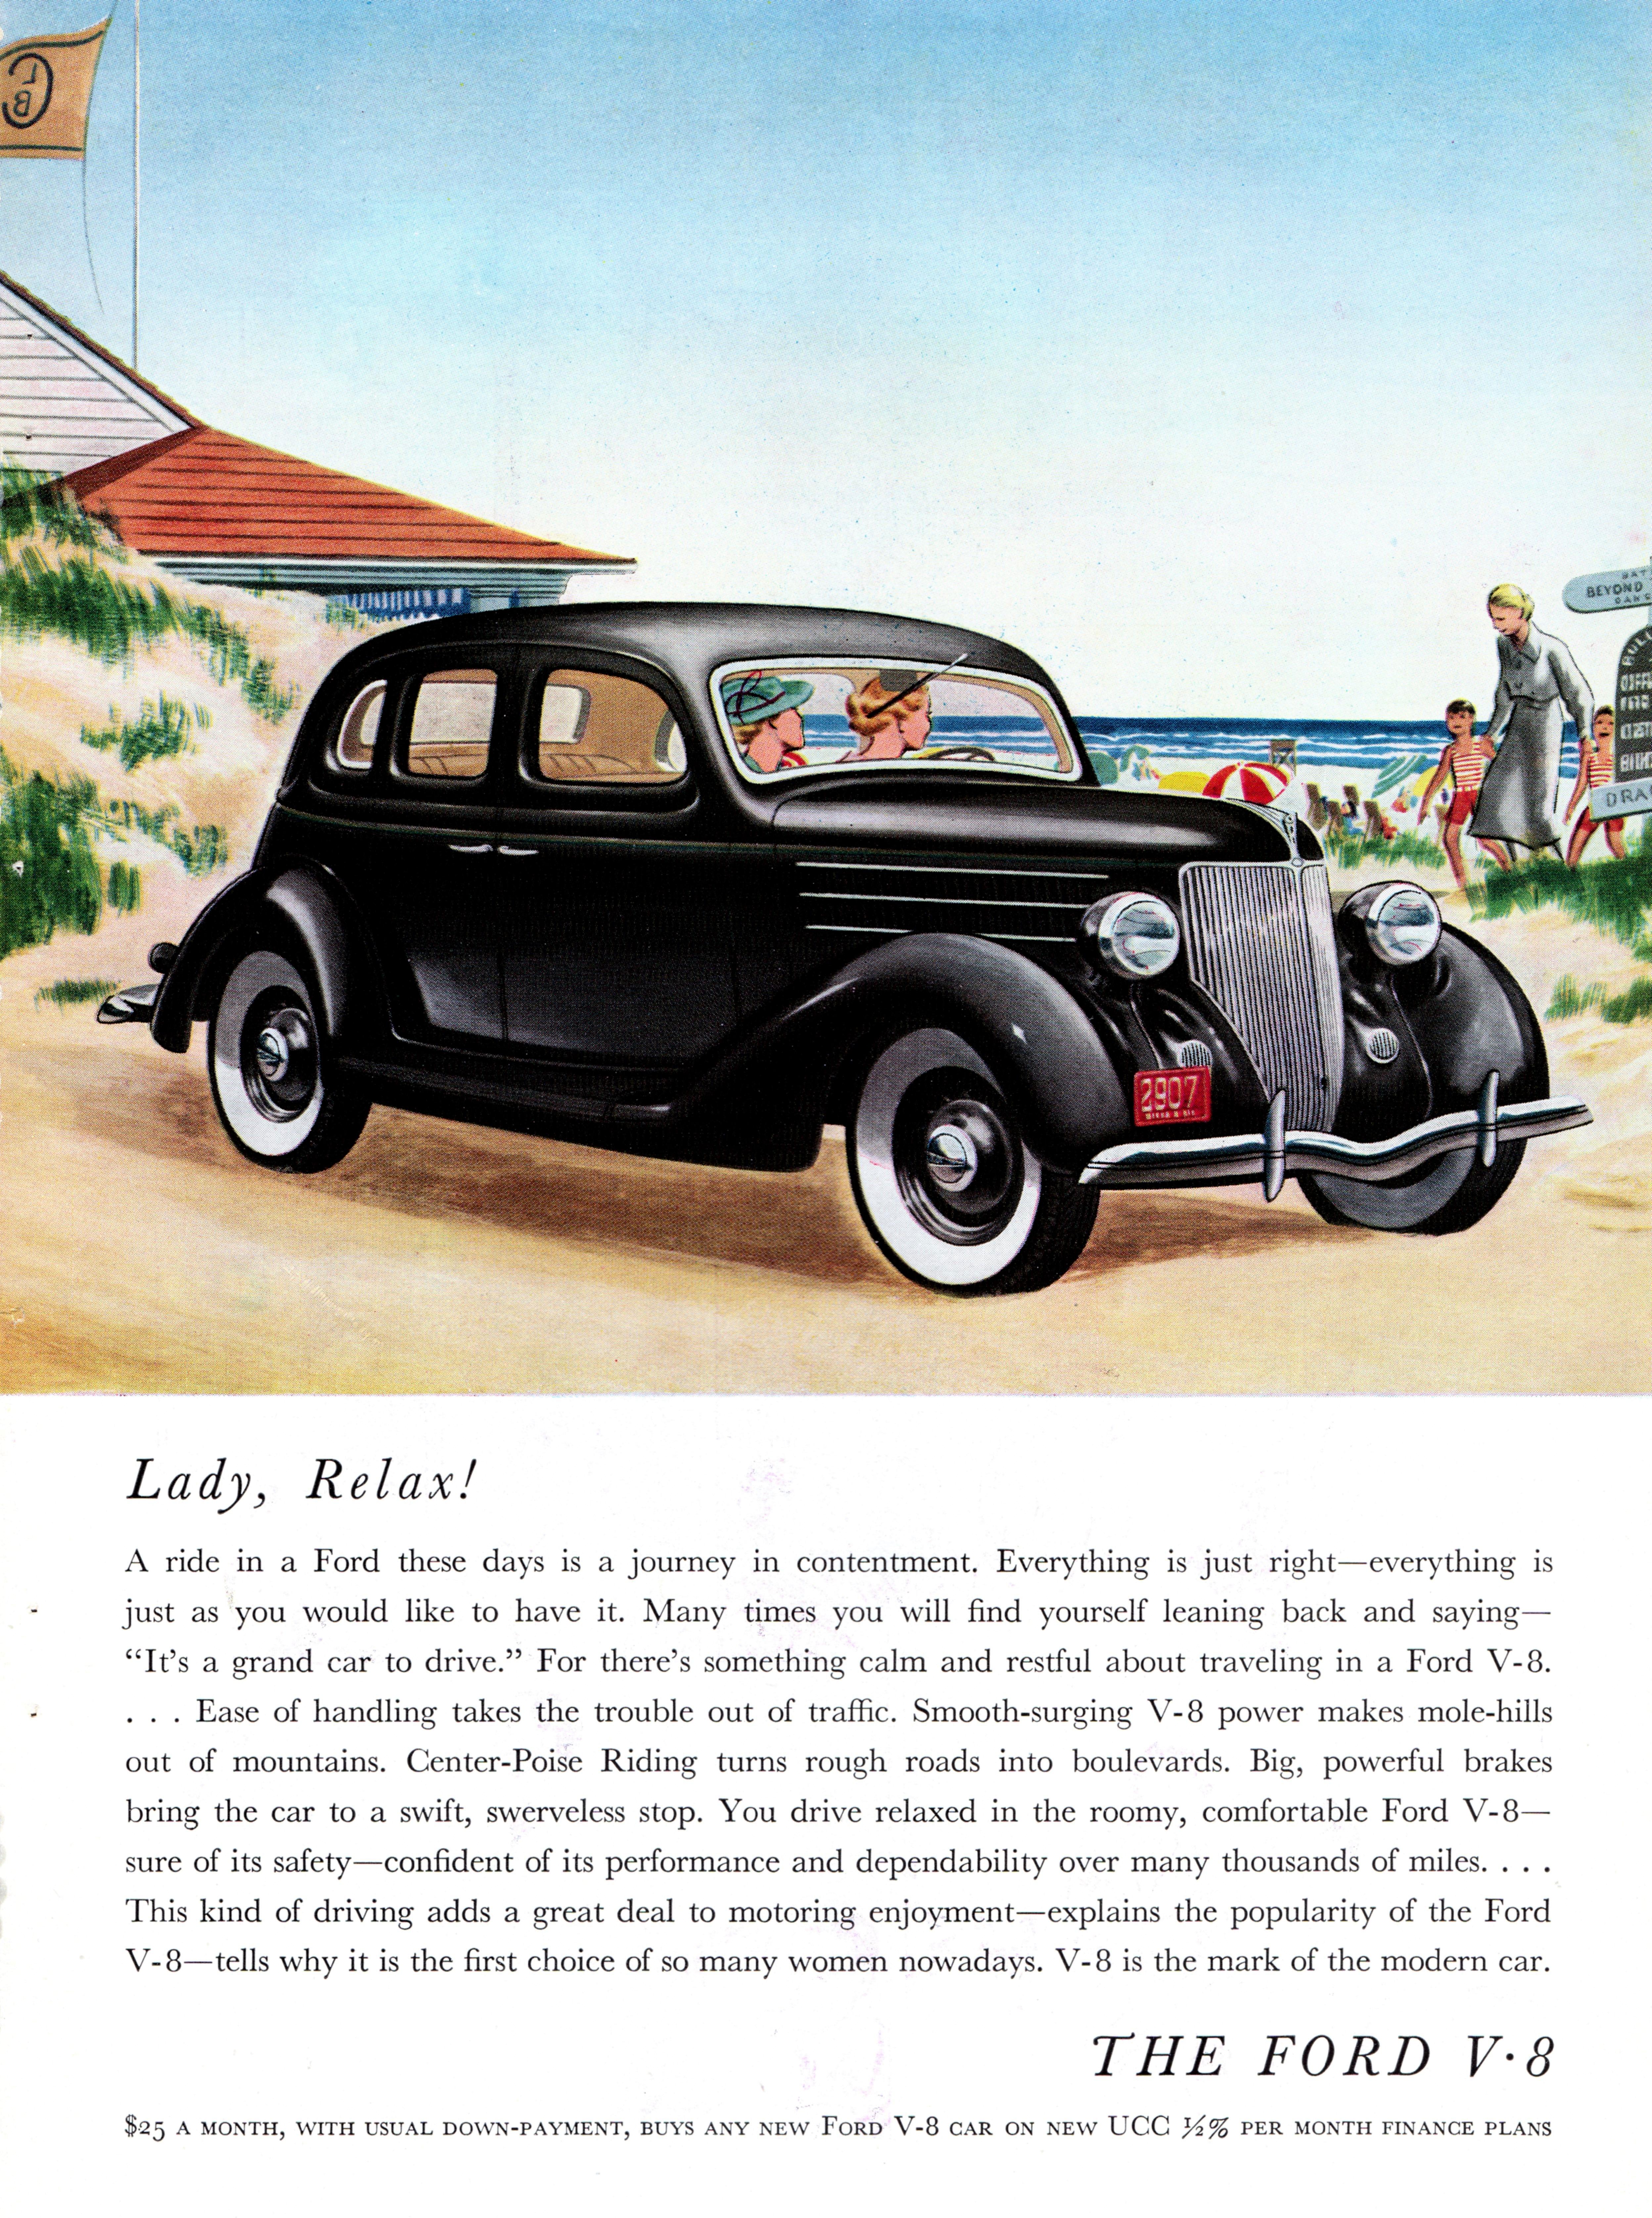 1936 Ford V-8 Fordor Sedan